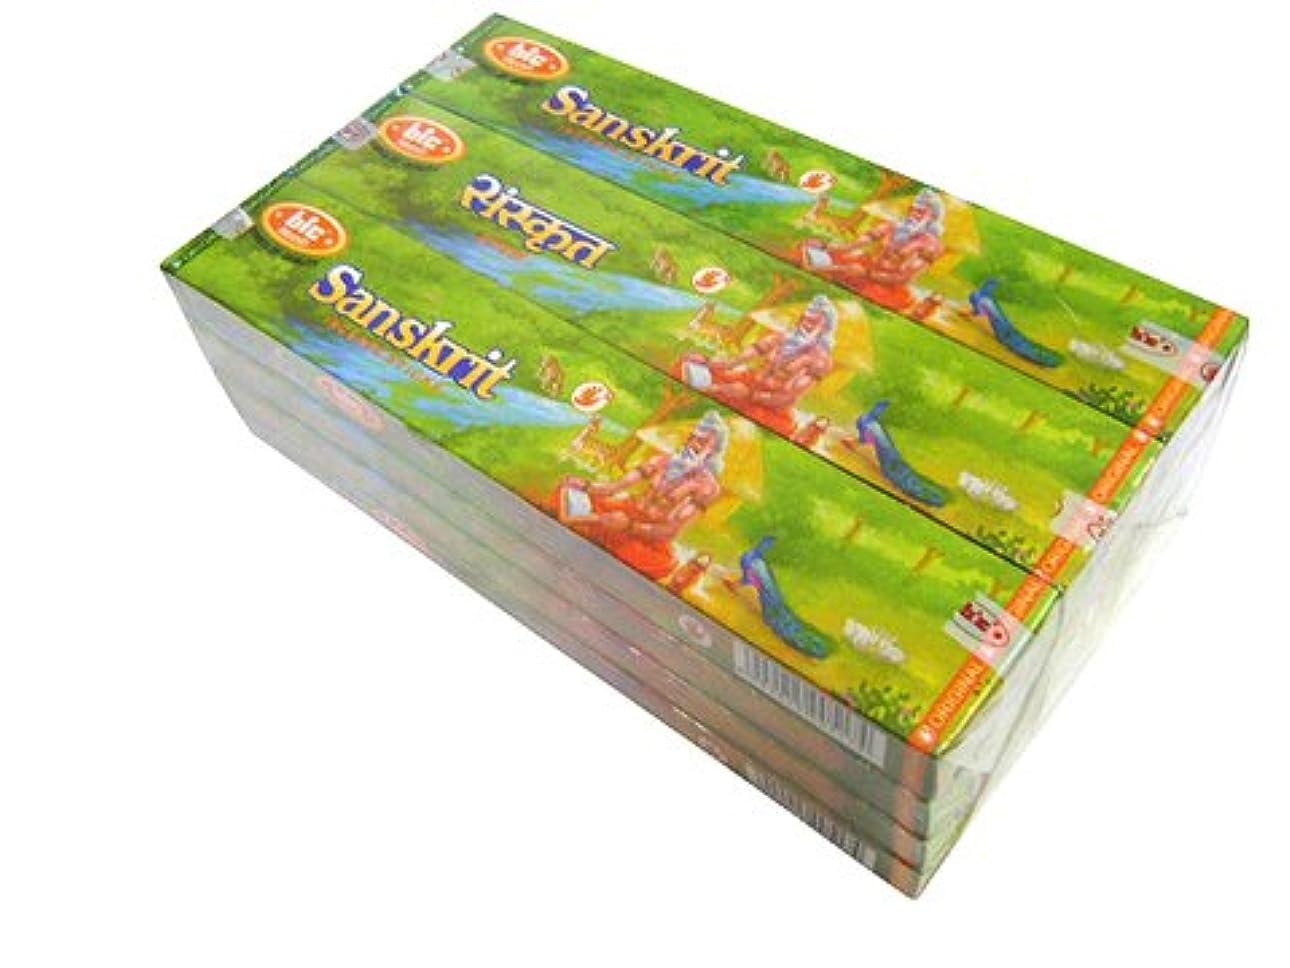 機会配送忠誠BIC(ビック) サンスクリット香(レギュラーボックス) スティック SANSKRIT REG BOX 12箱セット